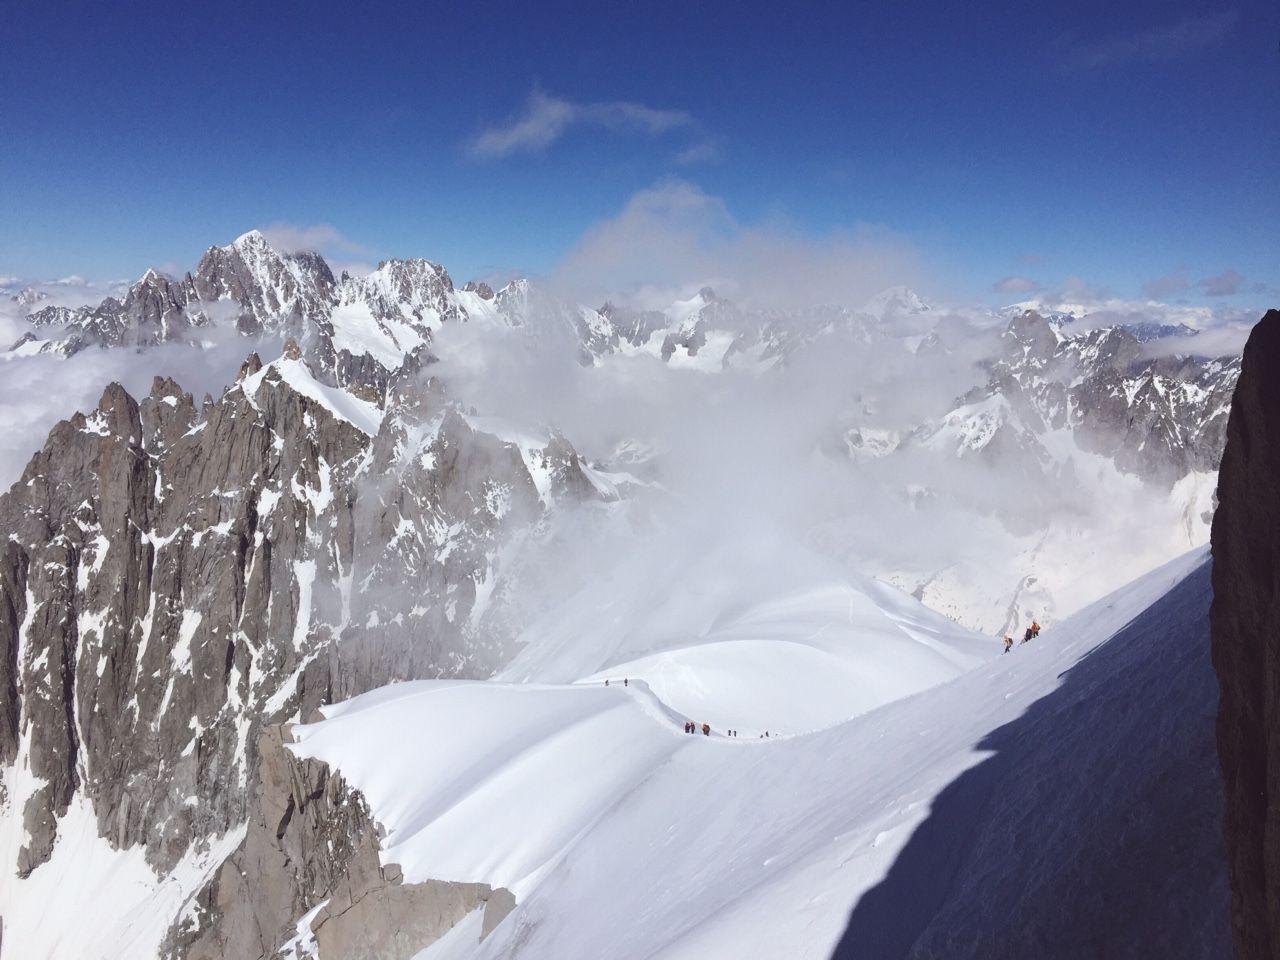 snow-mountains-ice